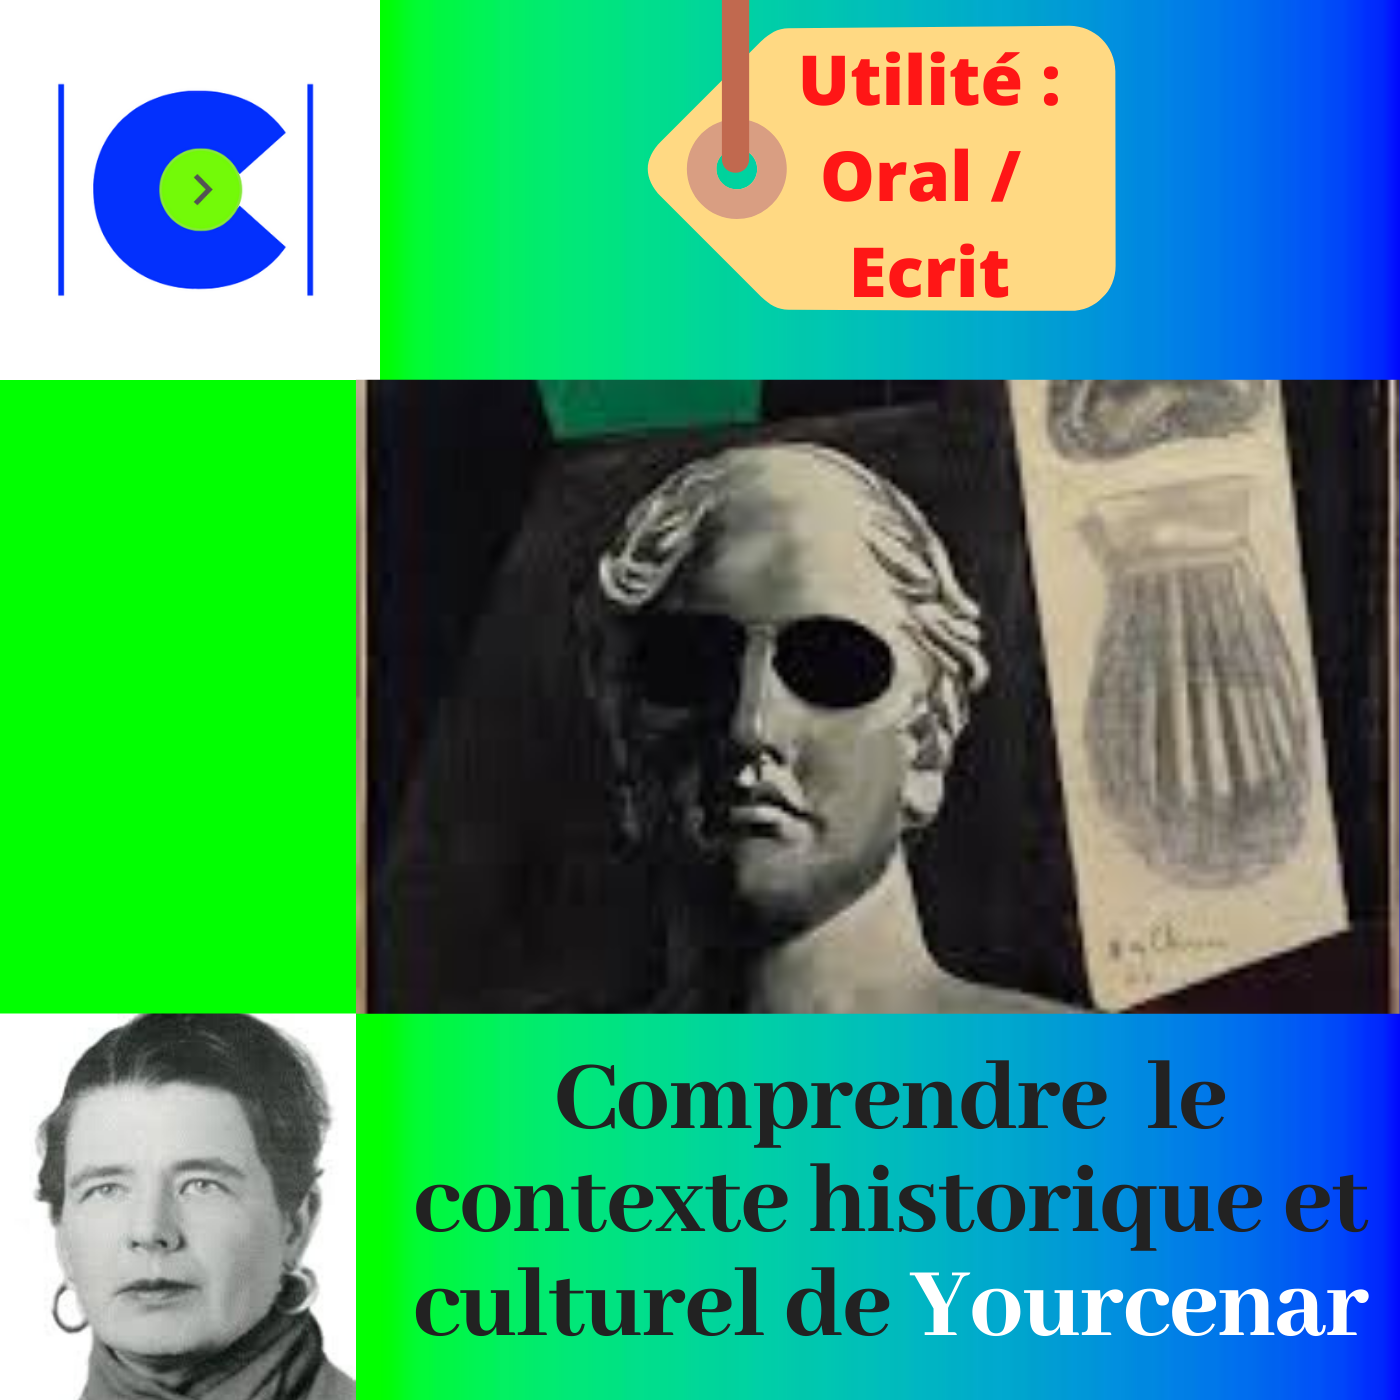 Comprendre le contexte historique et culturel de YOURCENAR.